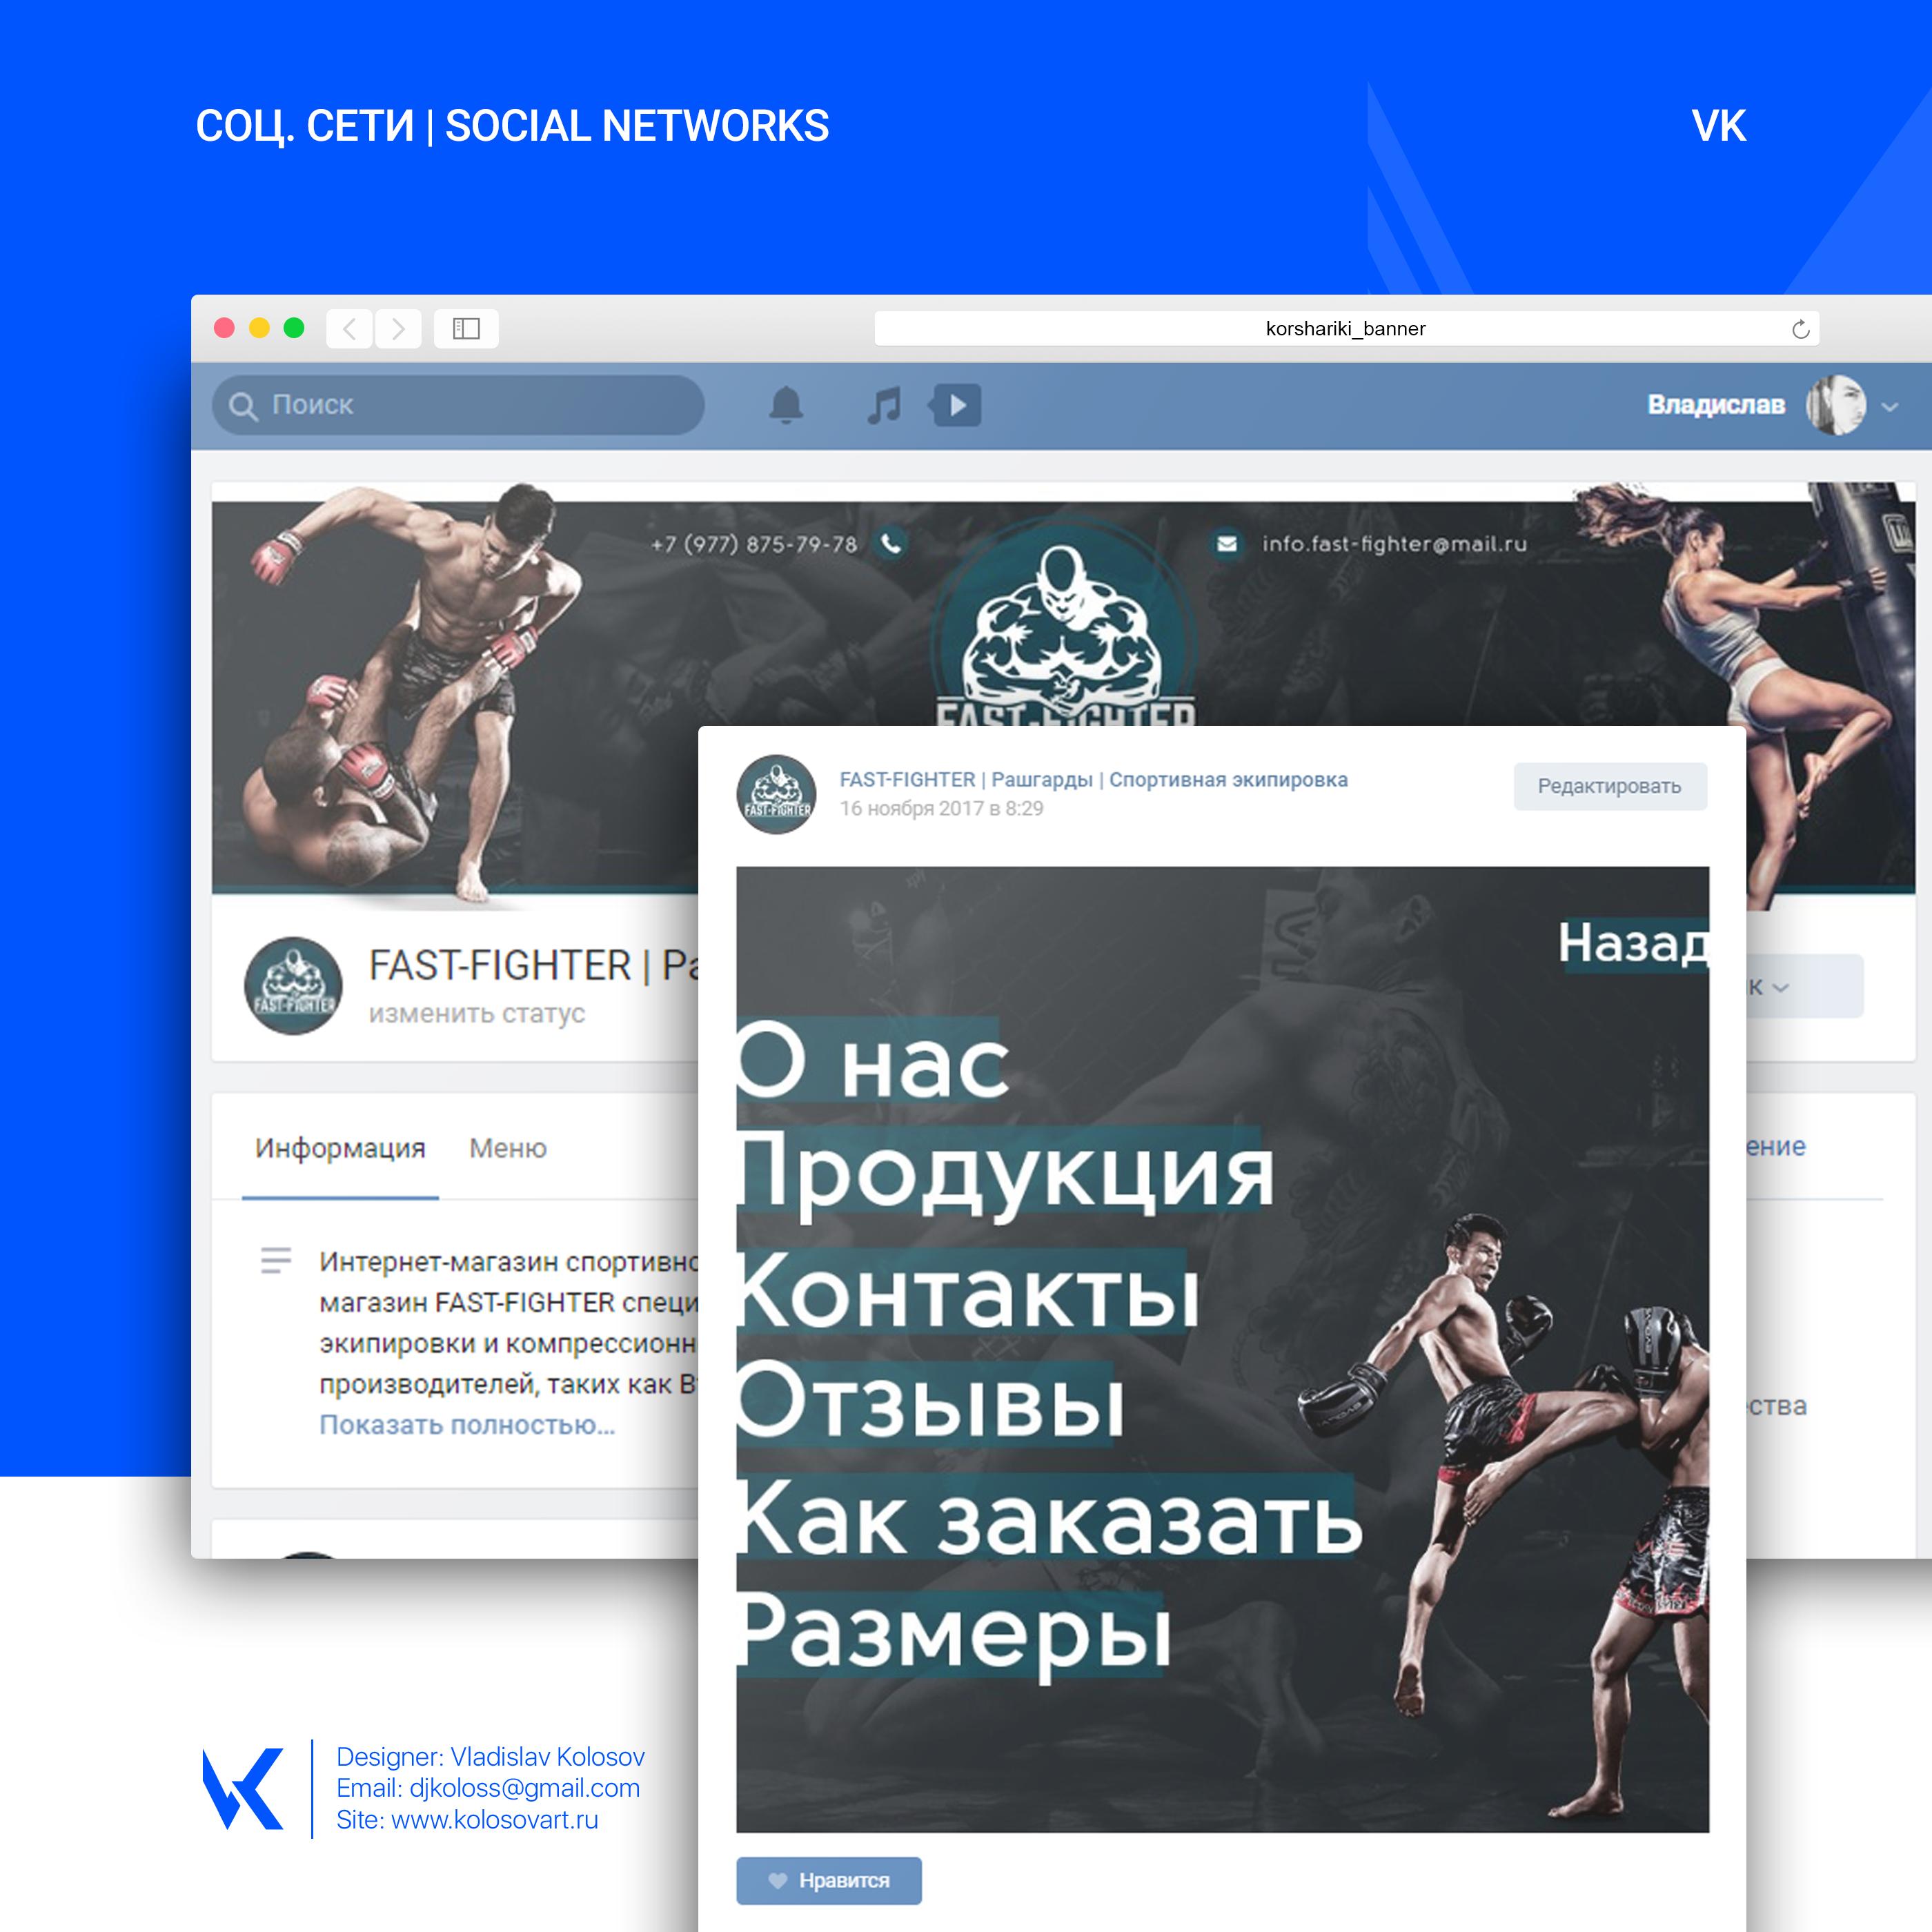 Оформление группы ВКонтакте для магазина спортивной экипировки   FAST-FIGHTER